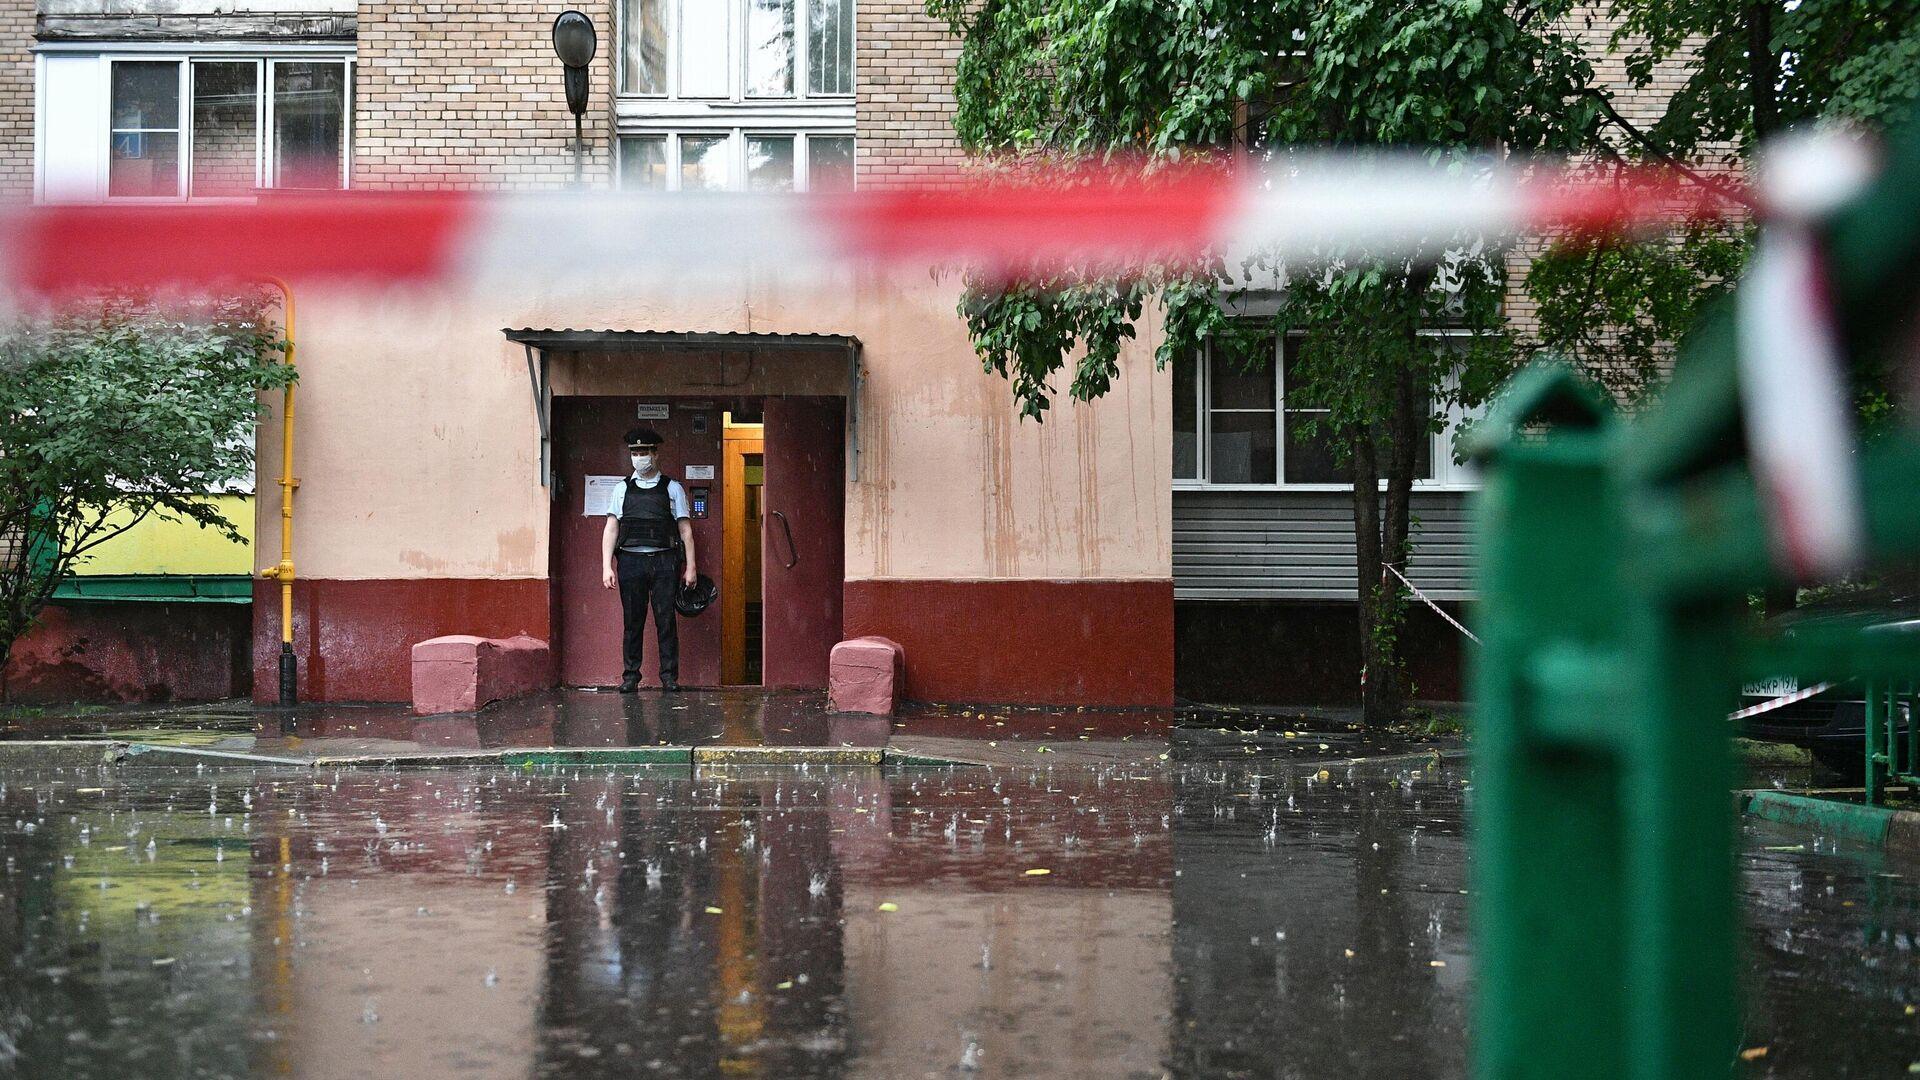 Подъезд дома на севере Москвы, где мужчина открыл стрельбу - РИА Новости, 1920, 03.07.2021